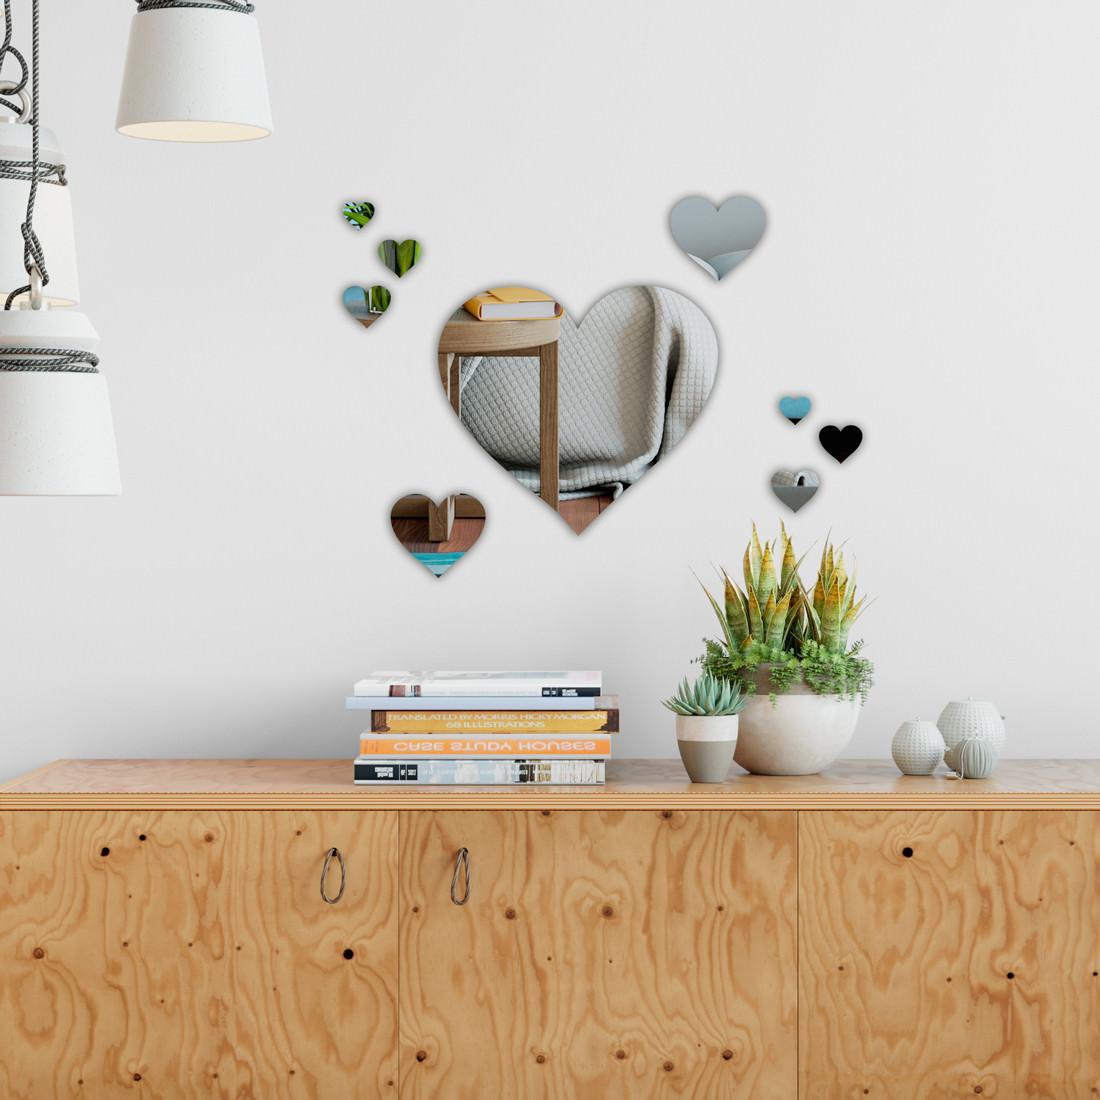 Espelho Decorativo Kit com 9 Corações